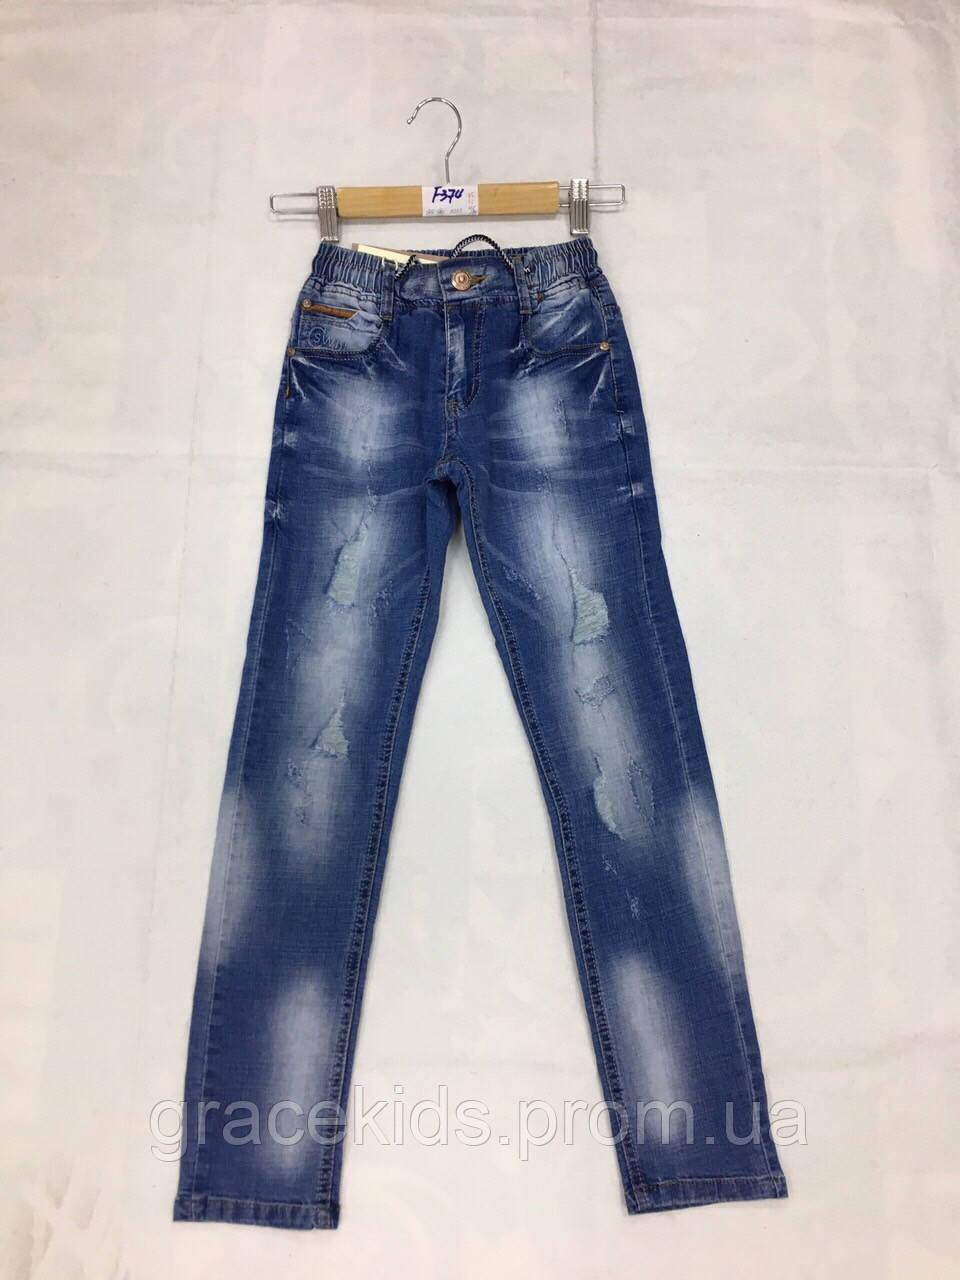 Подростковые джинсы на резинке для мальчиков,разм 134-164 см